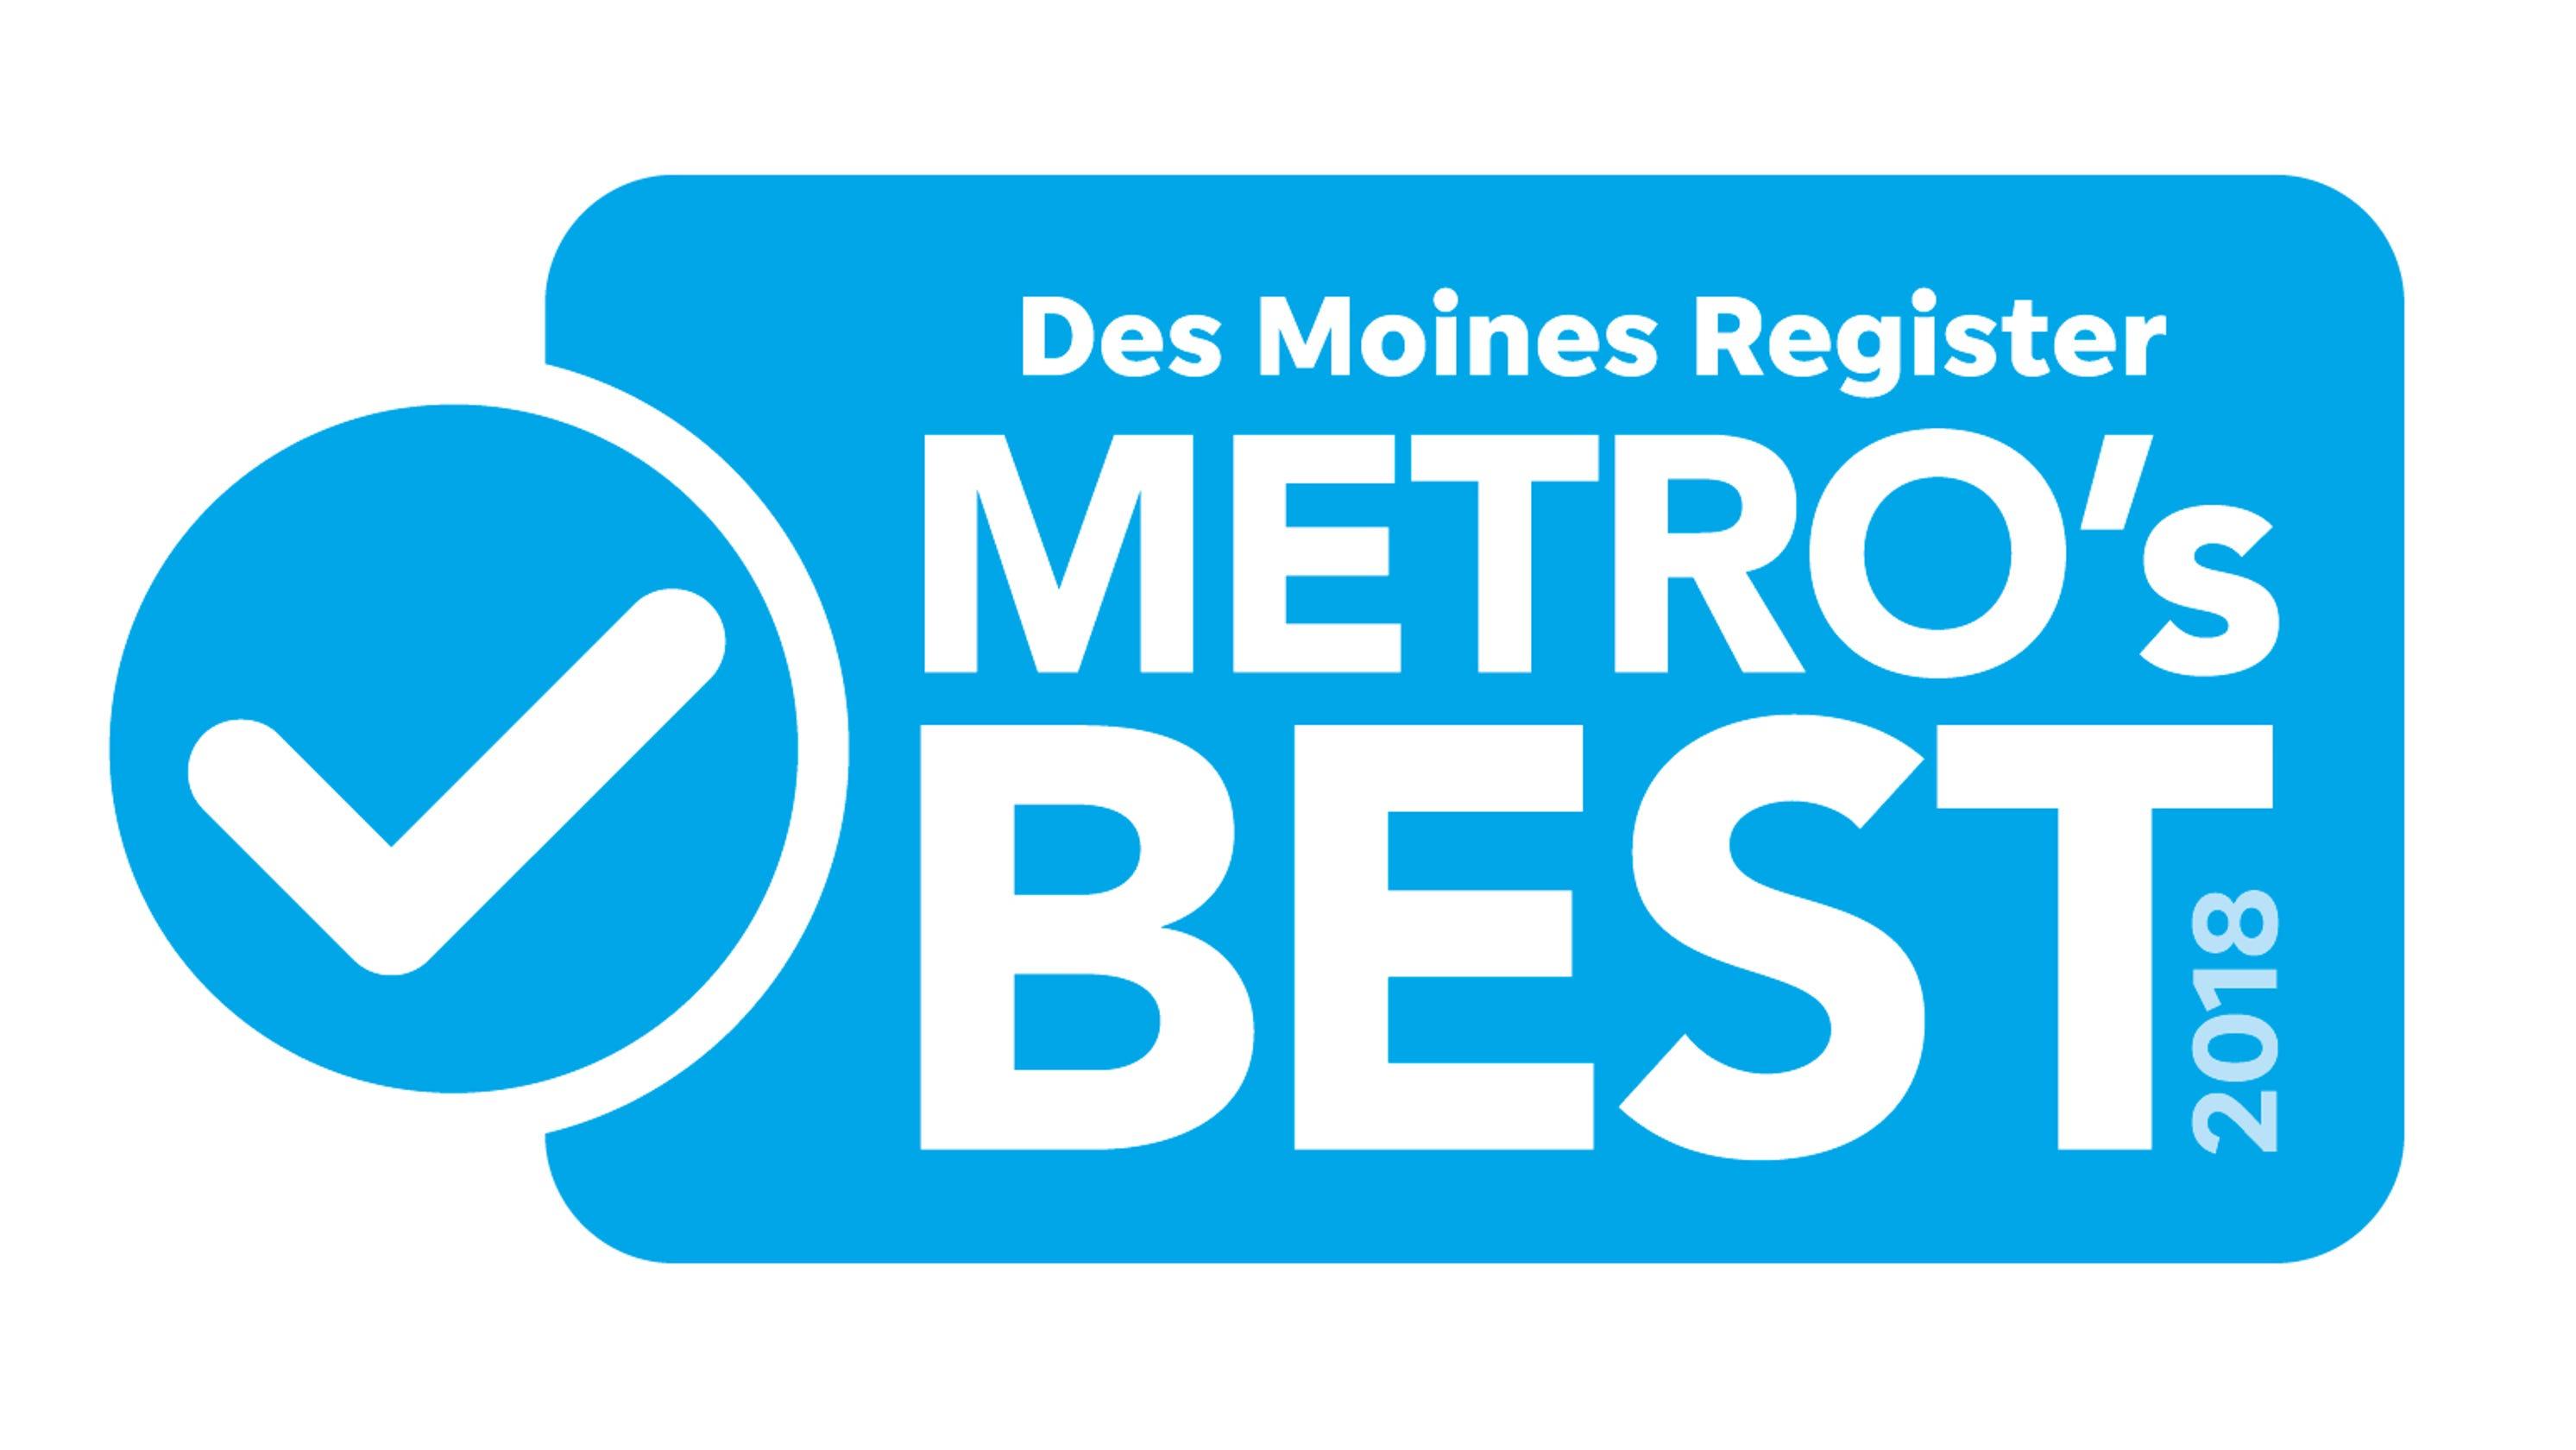 2018 Des Moines Register Metro S Best